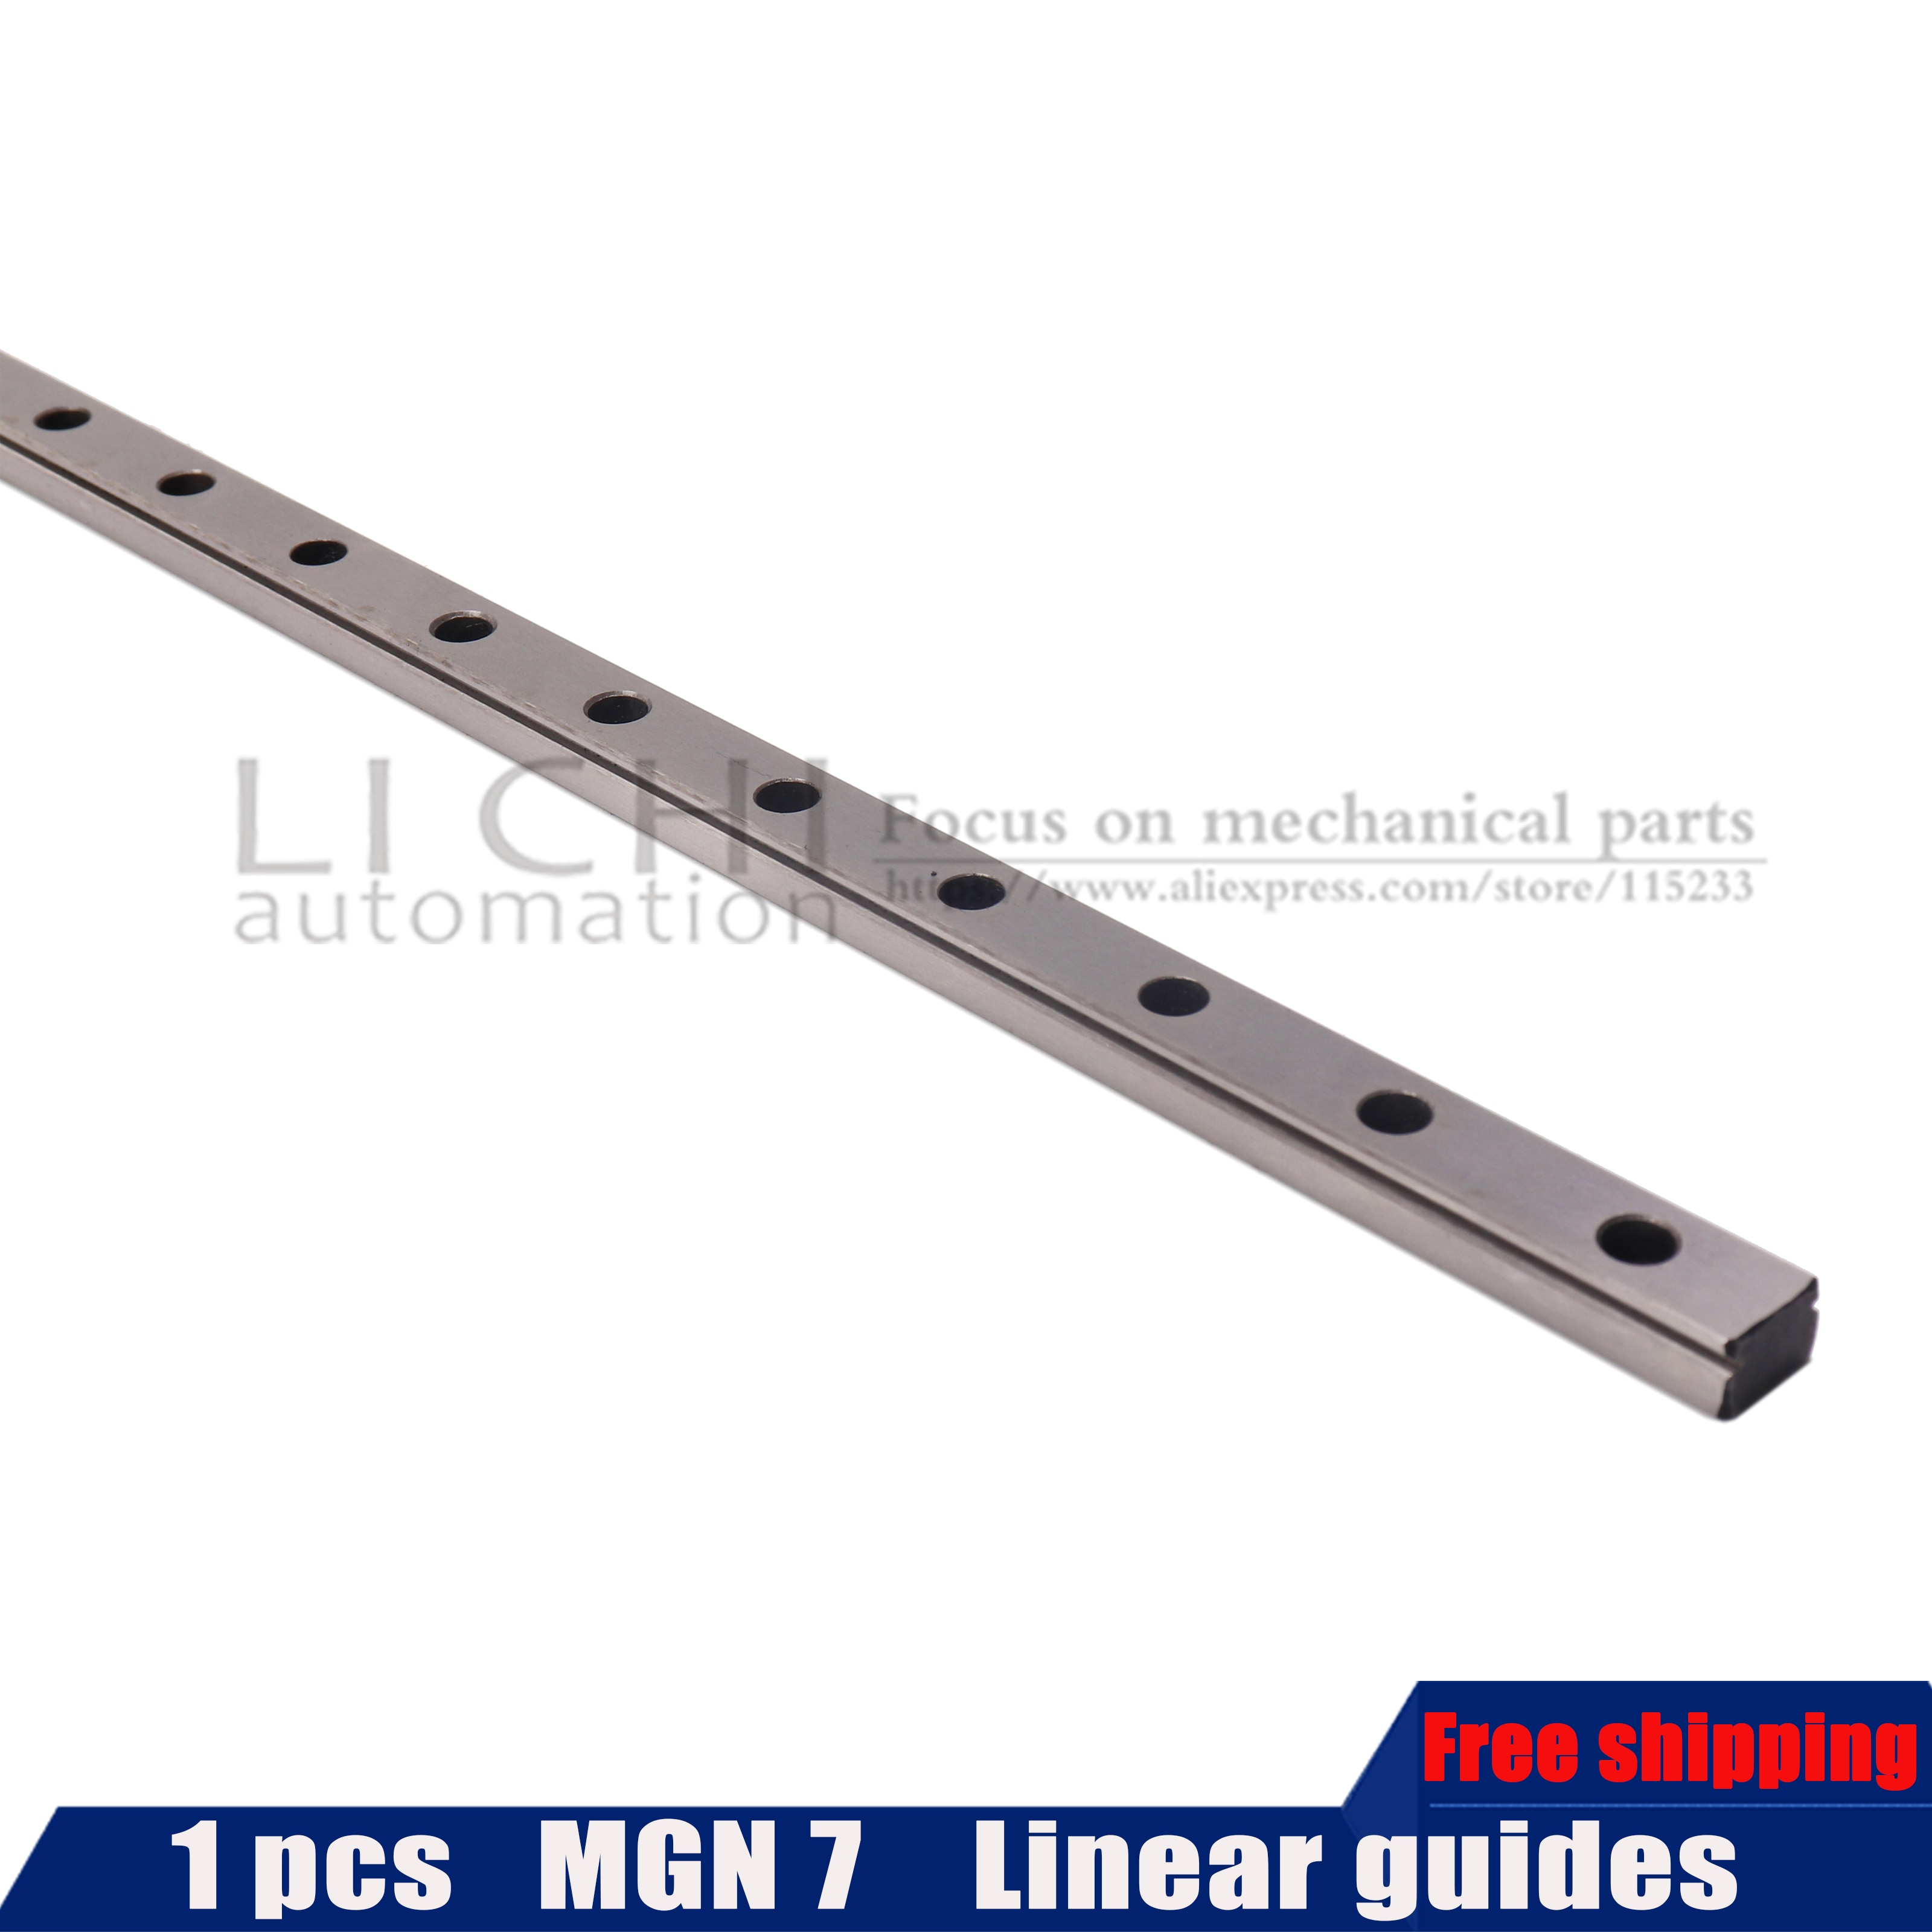 3D طابعة MGN7 الخطي دليل L 600 مللي متر 700 مللي متر 800 مللي متر 900 مللي متر 1000 مللي متر مصغرة خطي السكك الحديدية دون MGN الخطية المنزلق